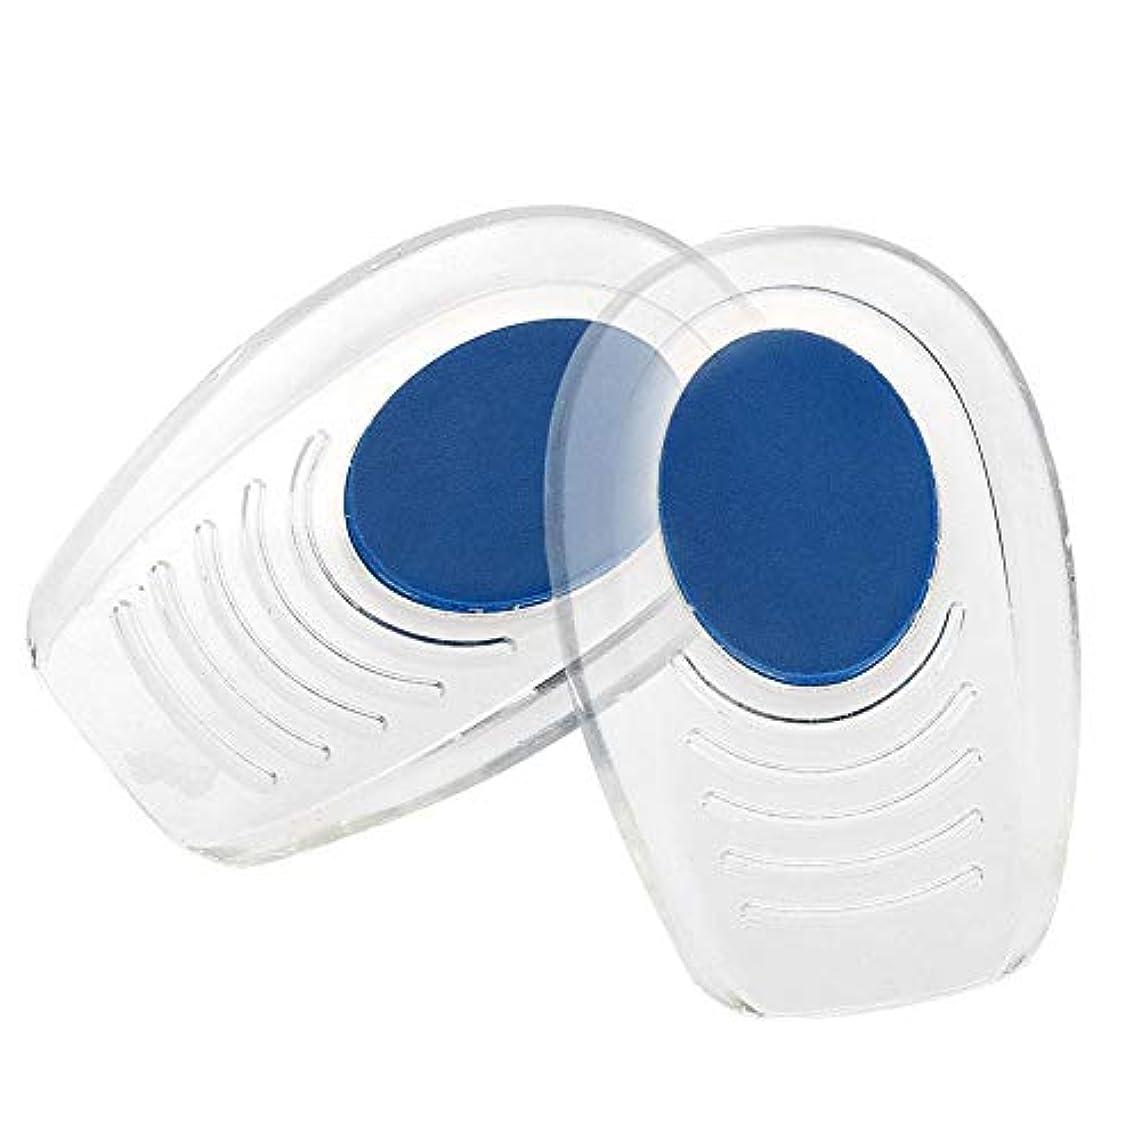 兵隊覚醒閉じるソフトインソール かかと痛みパッド   シリコーン衝撃吸収ヒールパッド (滑り止めテクスチャー付) ブルー パッドフットケアツール (S(7*10.5CM))